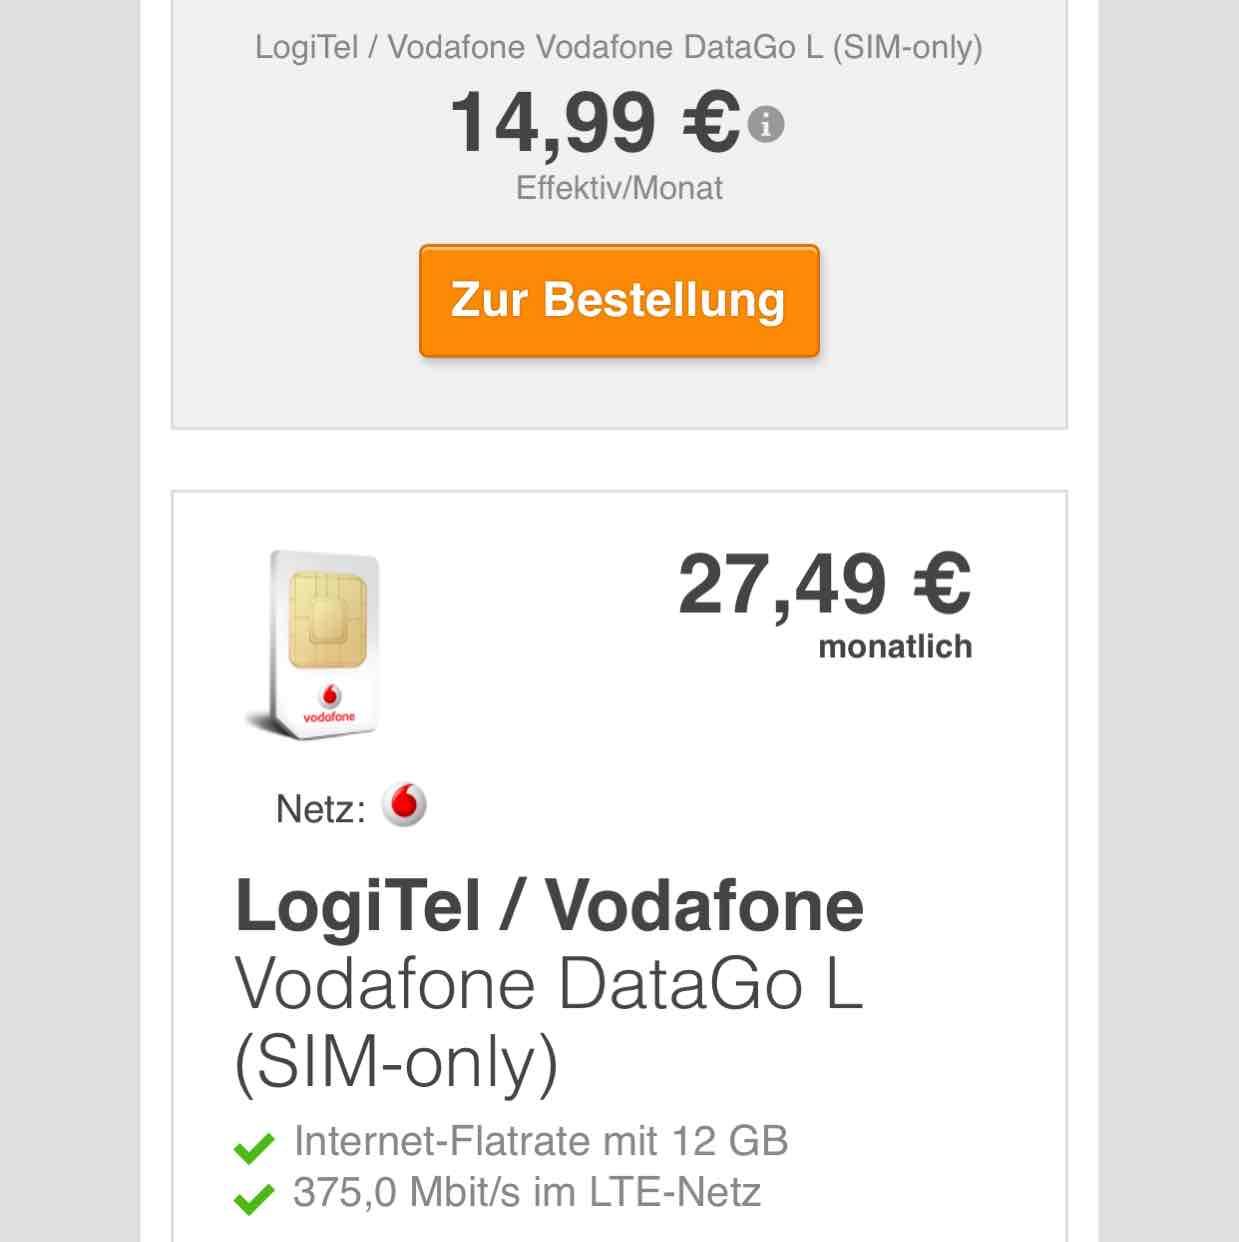 Vodafone DataGo L Internet-Flatrate mit 12 GB LTE-Netz 375,0 Mbit/s